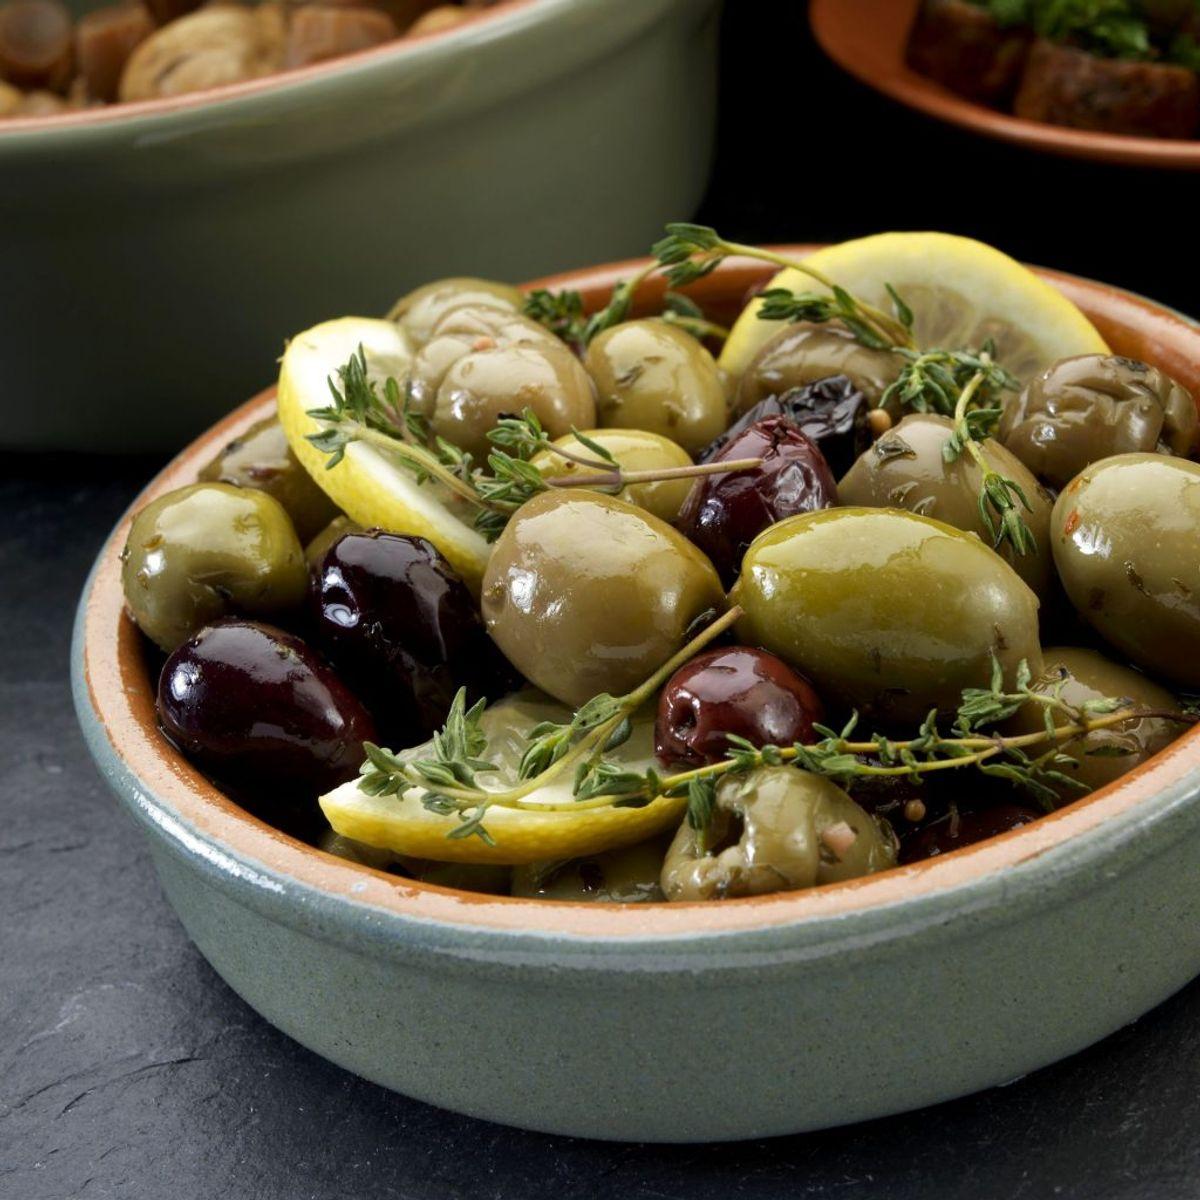 Du kan spise 25 oliven og indtage blot 100-175 kalorier. Det er et godt lille mellemmåltid. Foto: Scanpix